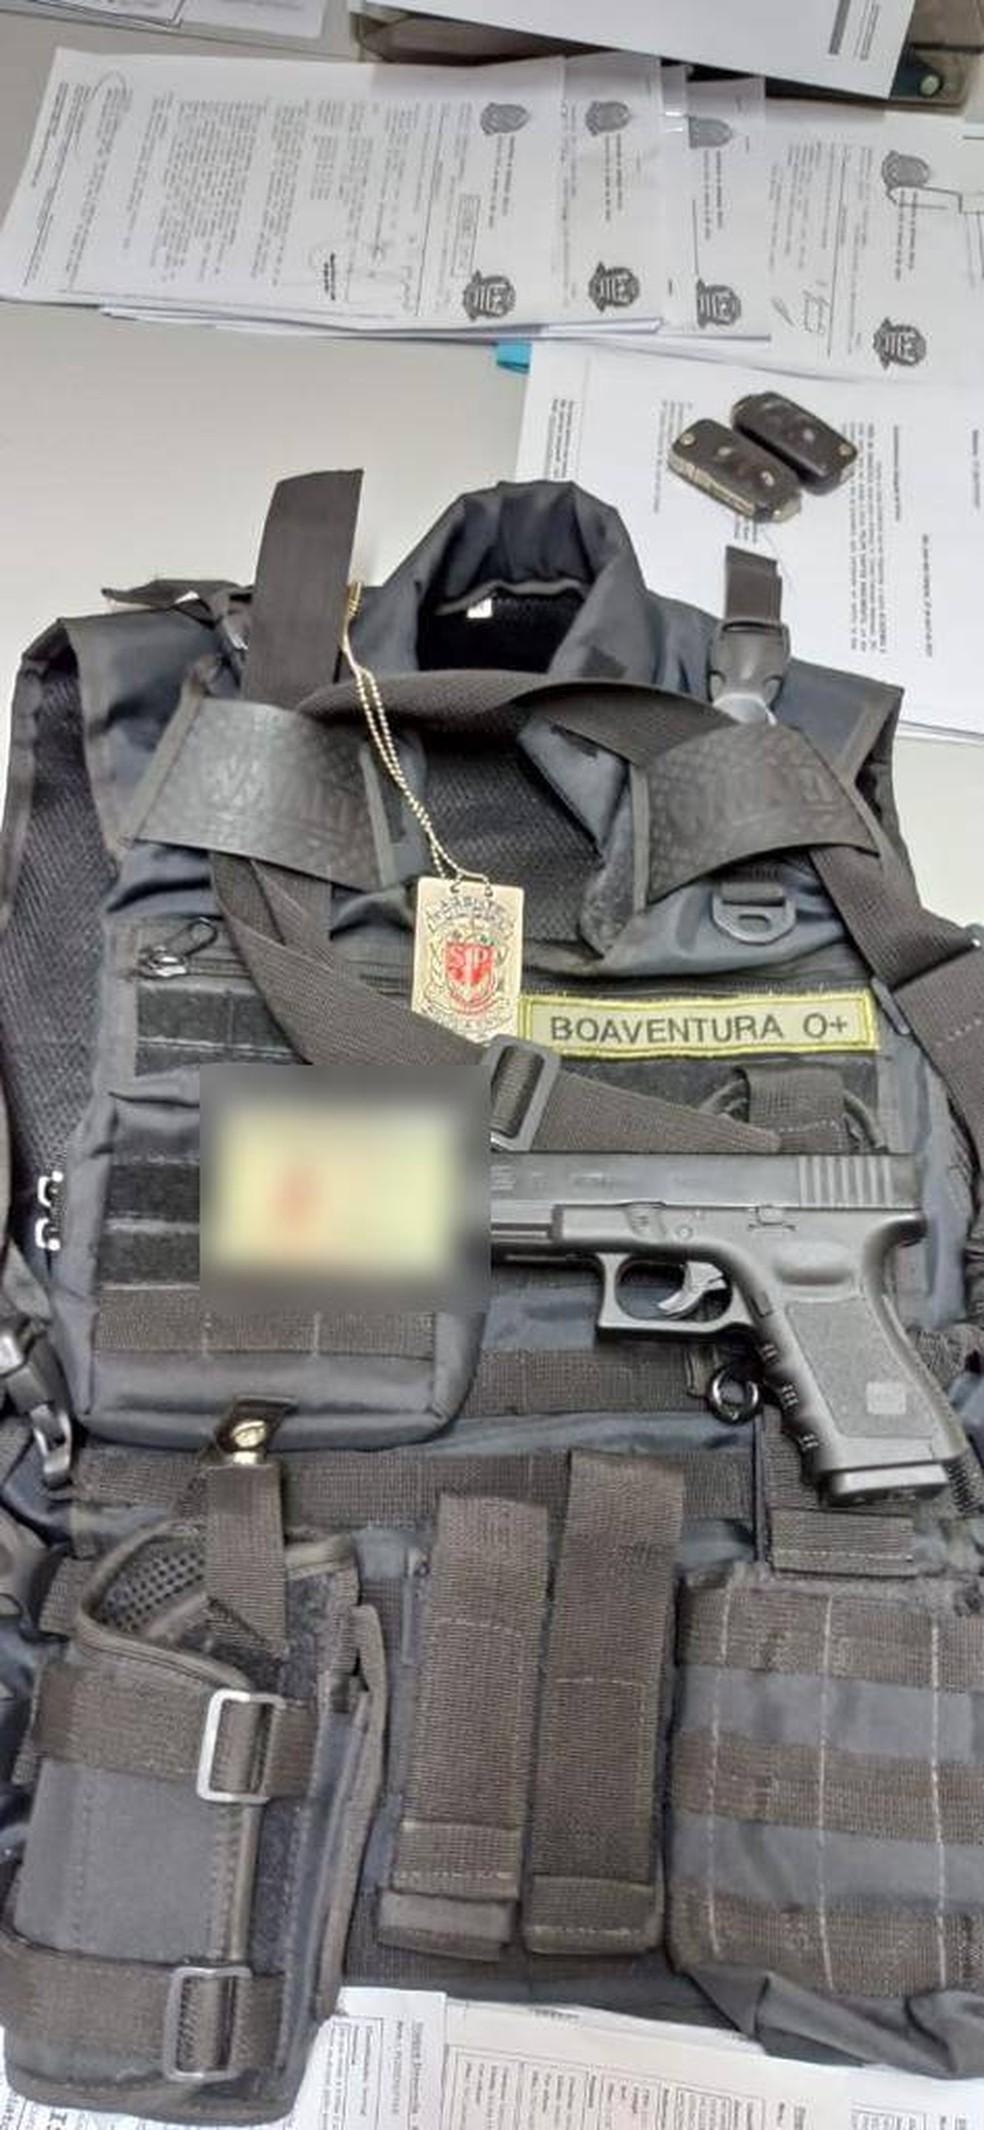 Homem foi detido por se passar por falso policial civil em São José — Foto: Divulgação/Polícia Civil